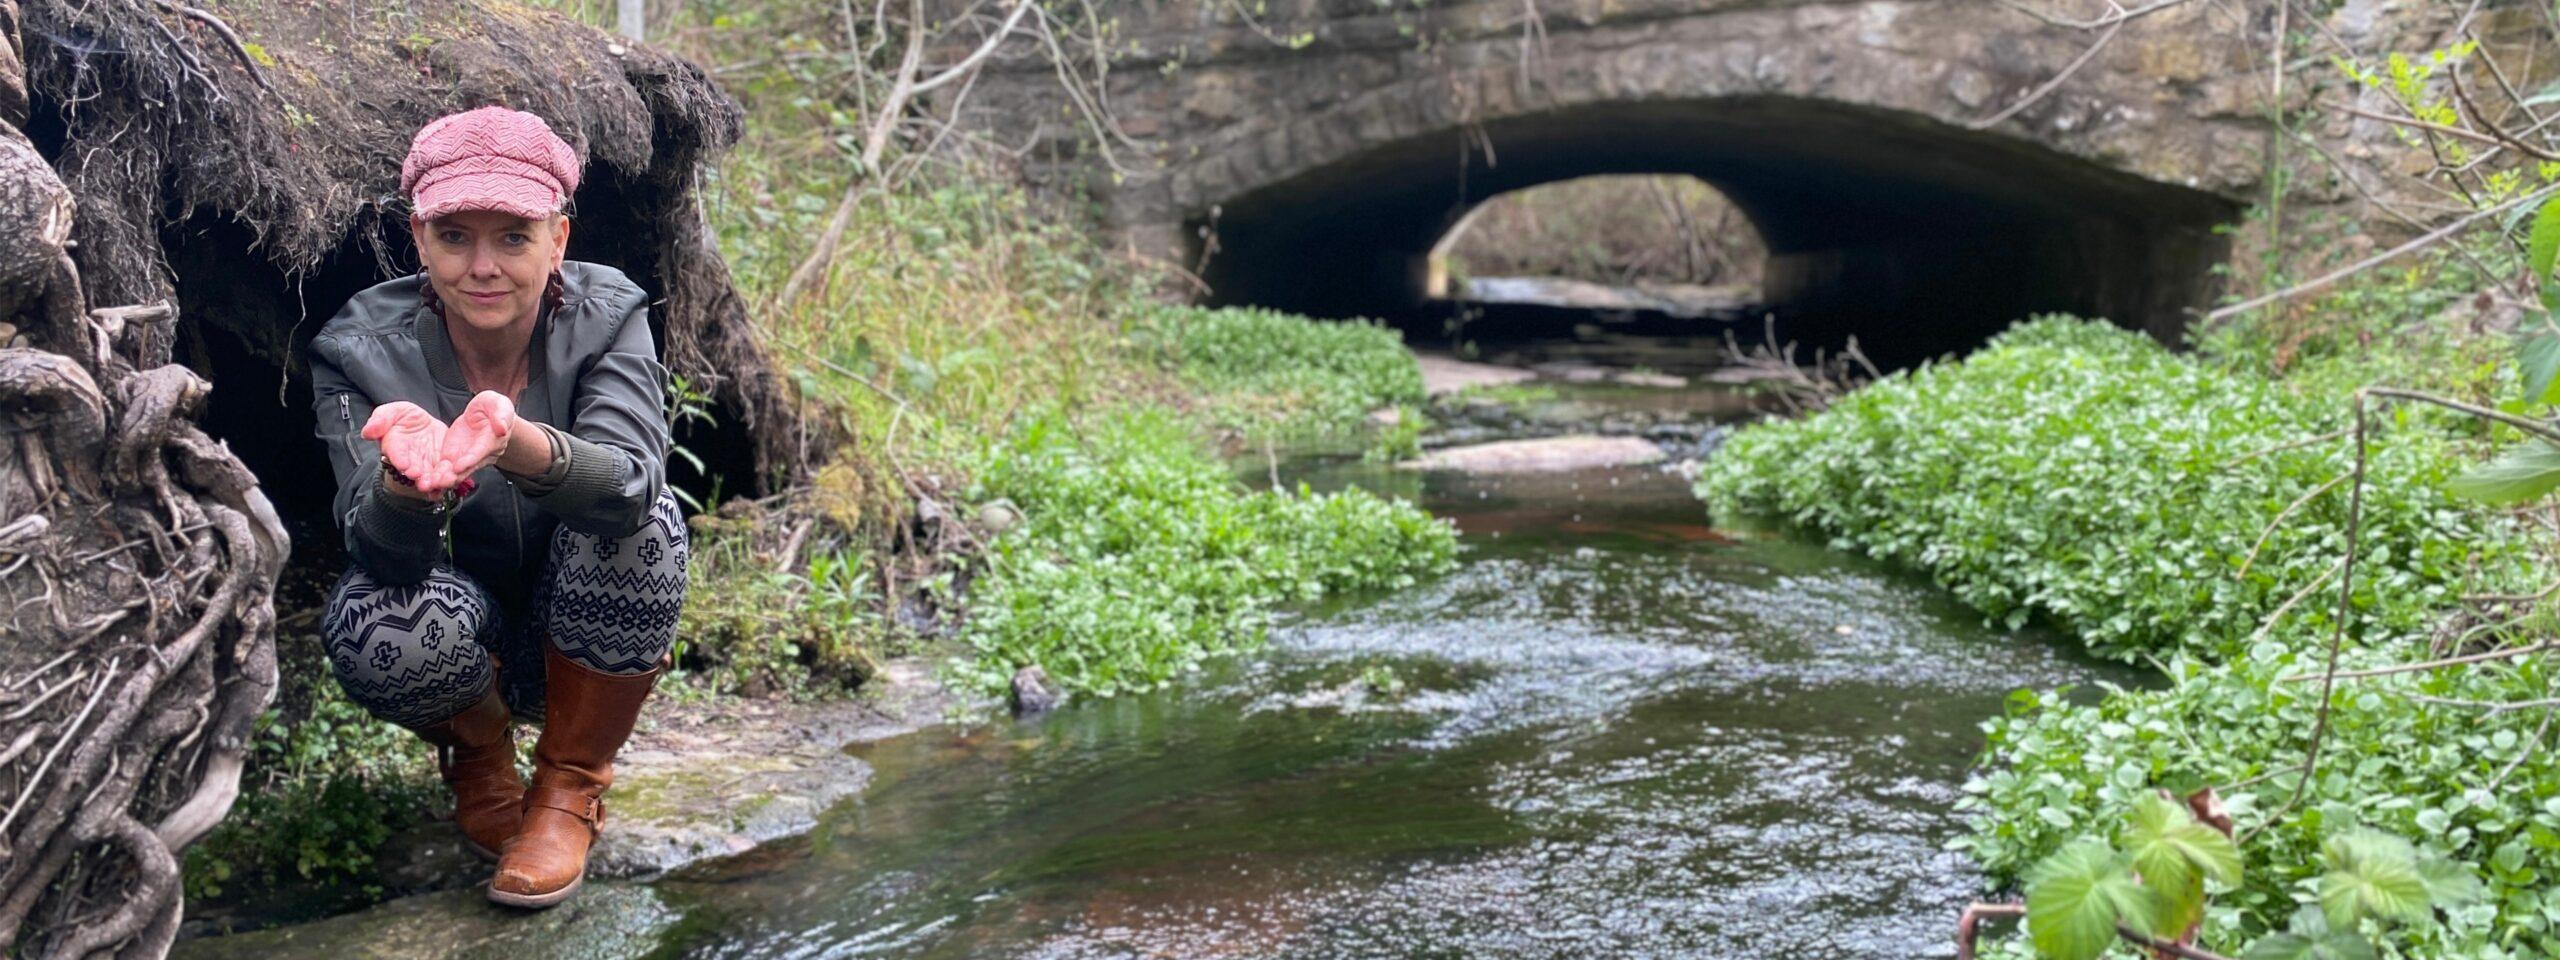 Amanda creek banner spring 2021